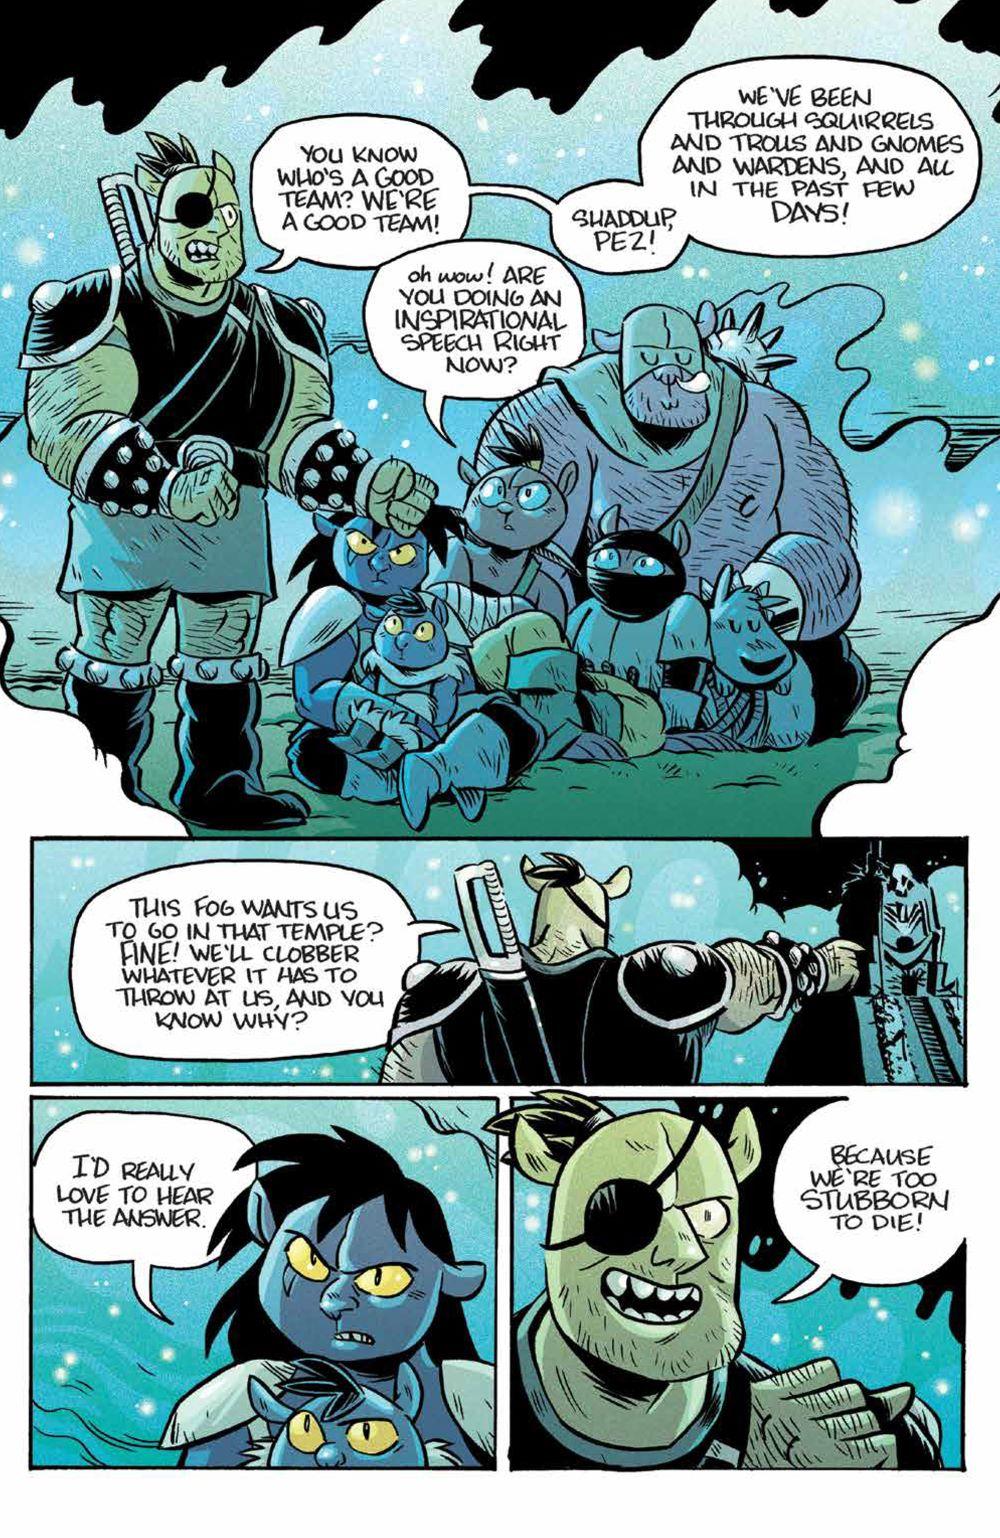 Orcs_006_PRESS_4 ComicList Previews: ORCS #6 (OF 6)